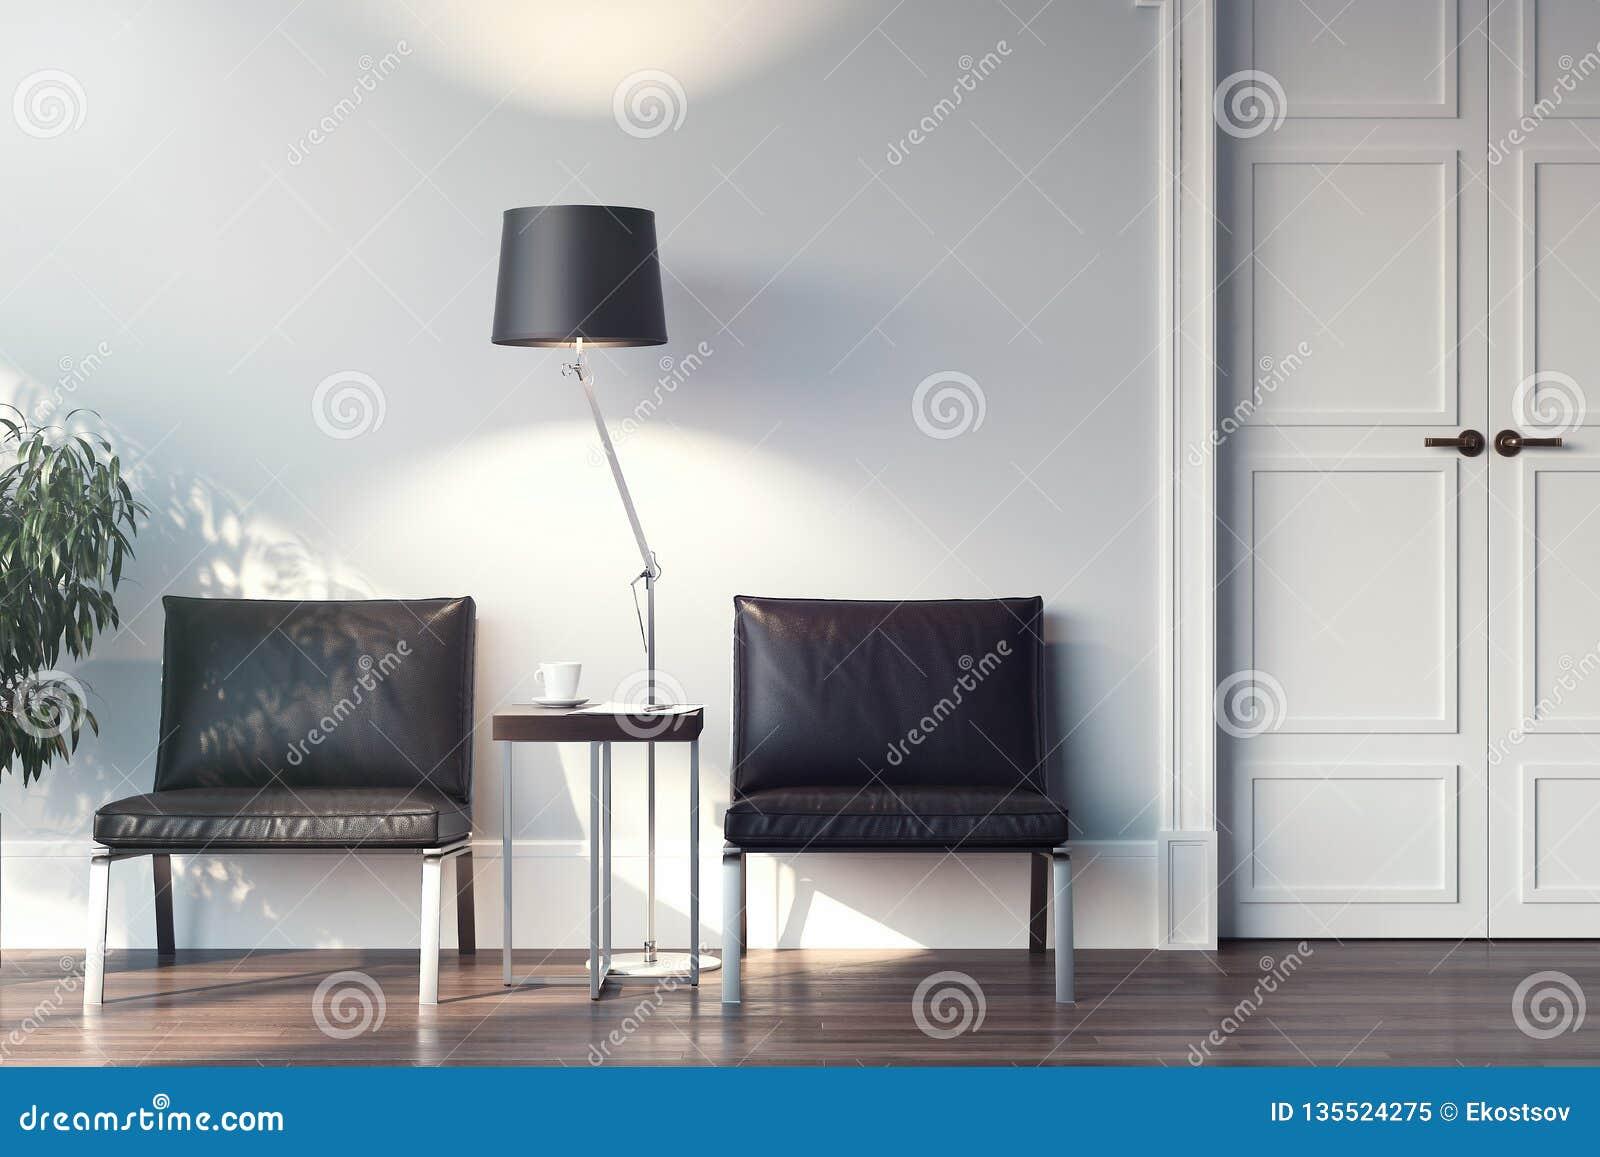 Chaises Salle D Attente Cabinet Medical hall de attente intérieur avec les chaises, la lampe et la